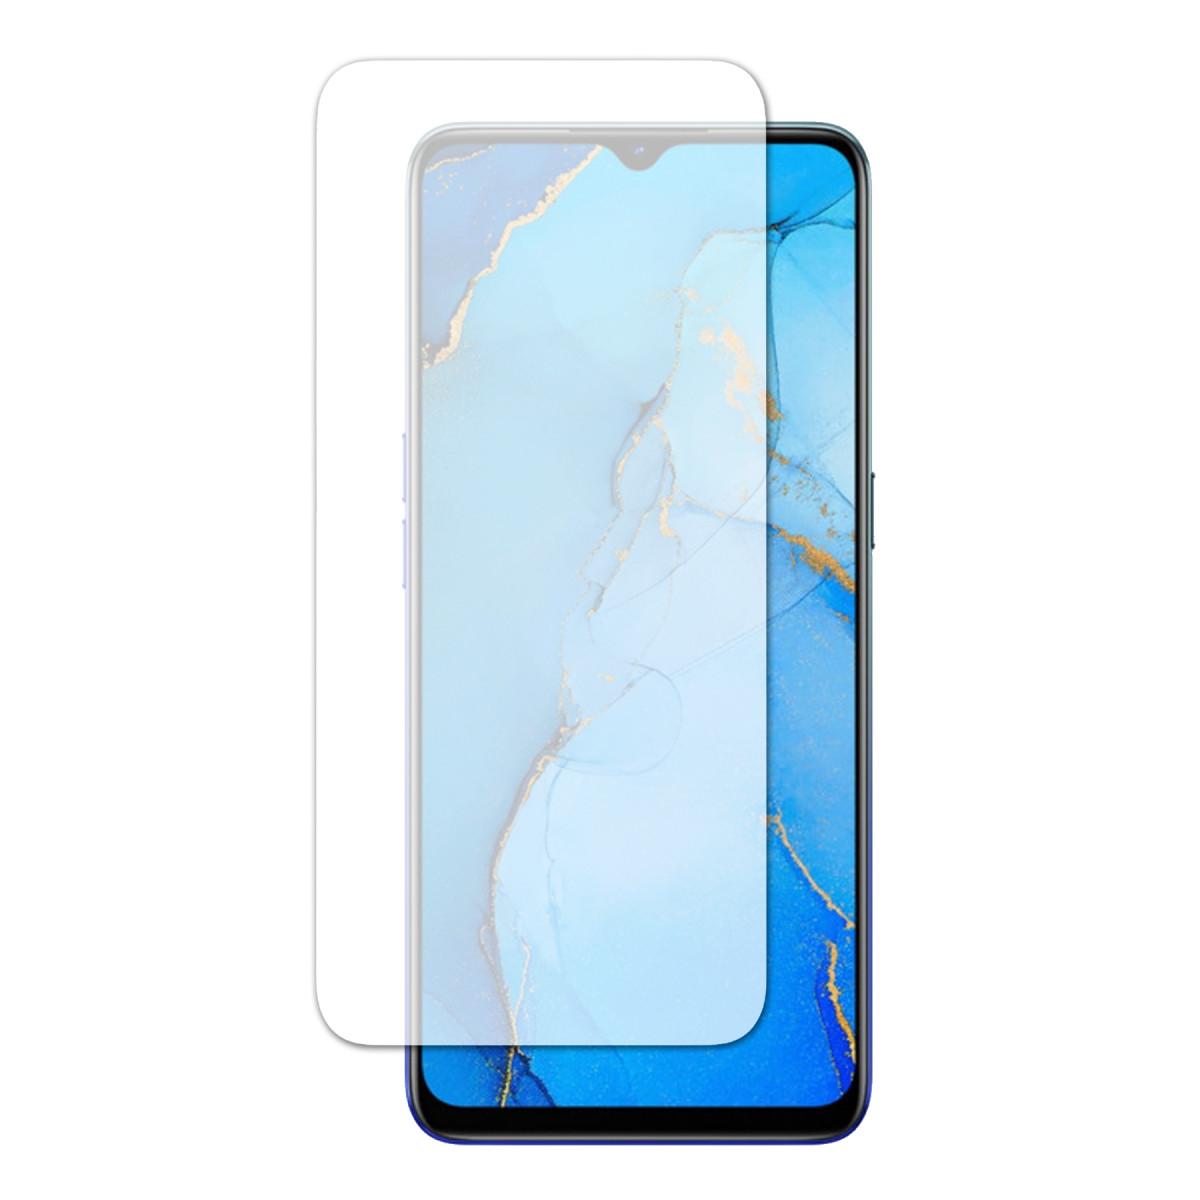 Гідрогелева захисна плівка для смартфонів Oppo (A1k/A5s/A5/A9/Reno Z/Reno 2Z/Reno 2 та інші)